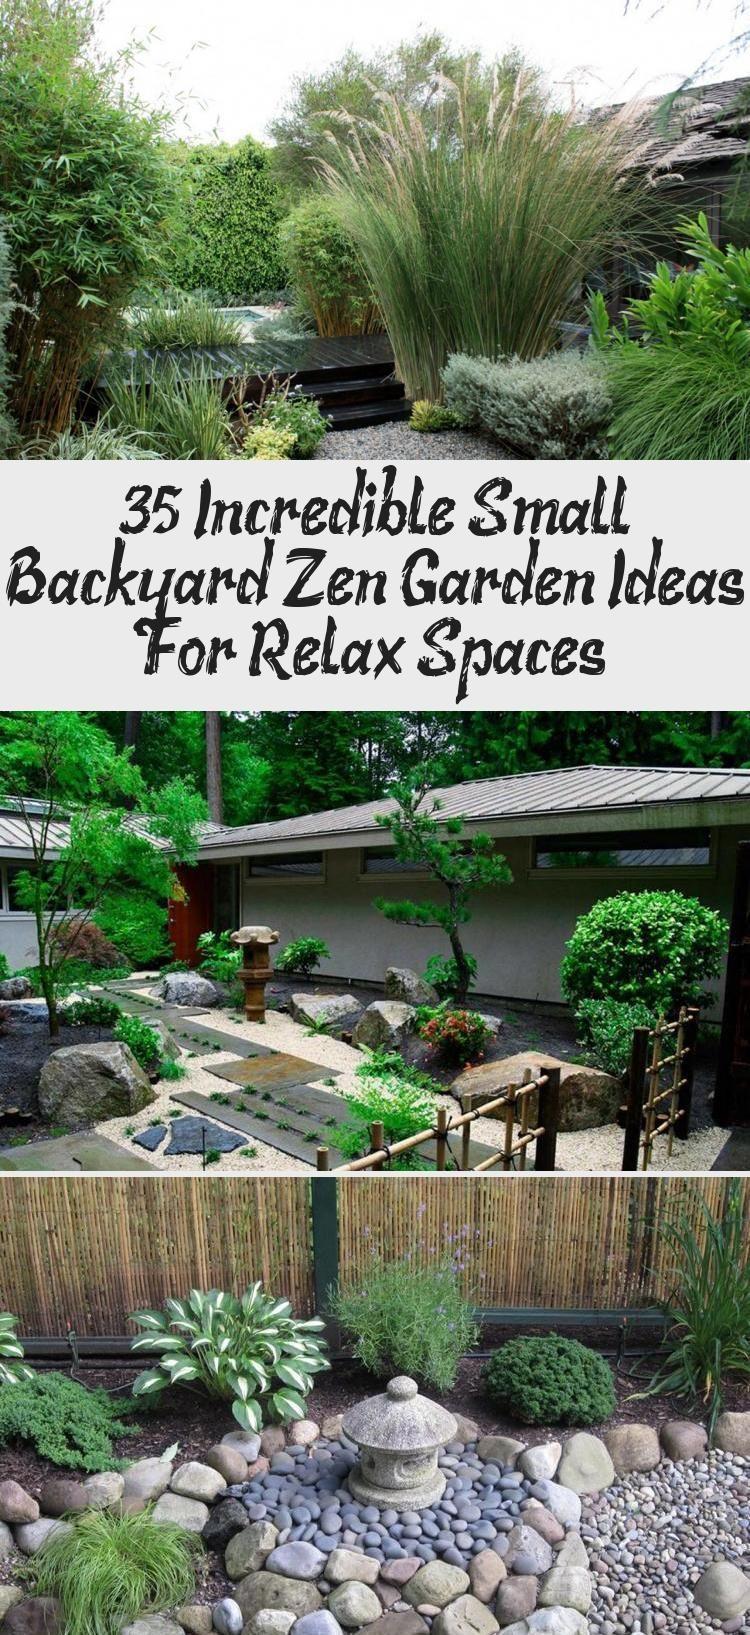 35 Incredible Small Backyard Zen Garden Ideas For Relax Spaces Backyard Ideas Ba Backyard Zen Garden Zen Garden Backyard Zen Garden Backyard Small Spaces Japanese garden ideas for small backyard